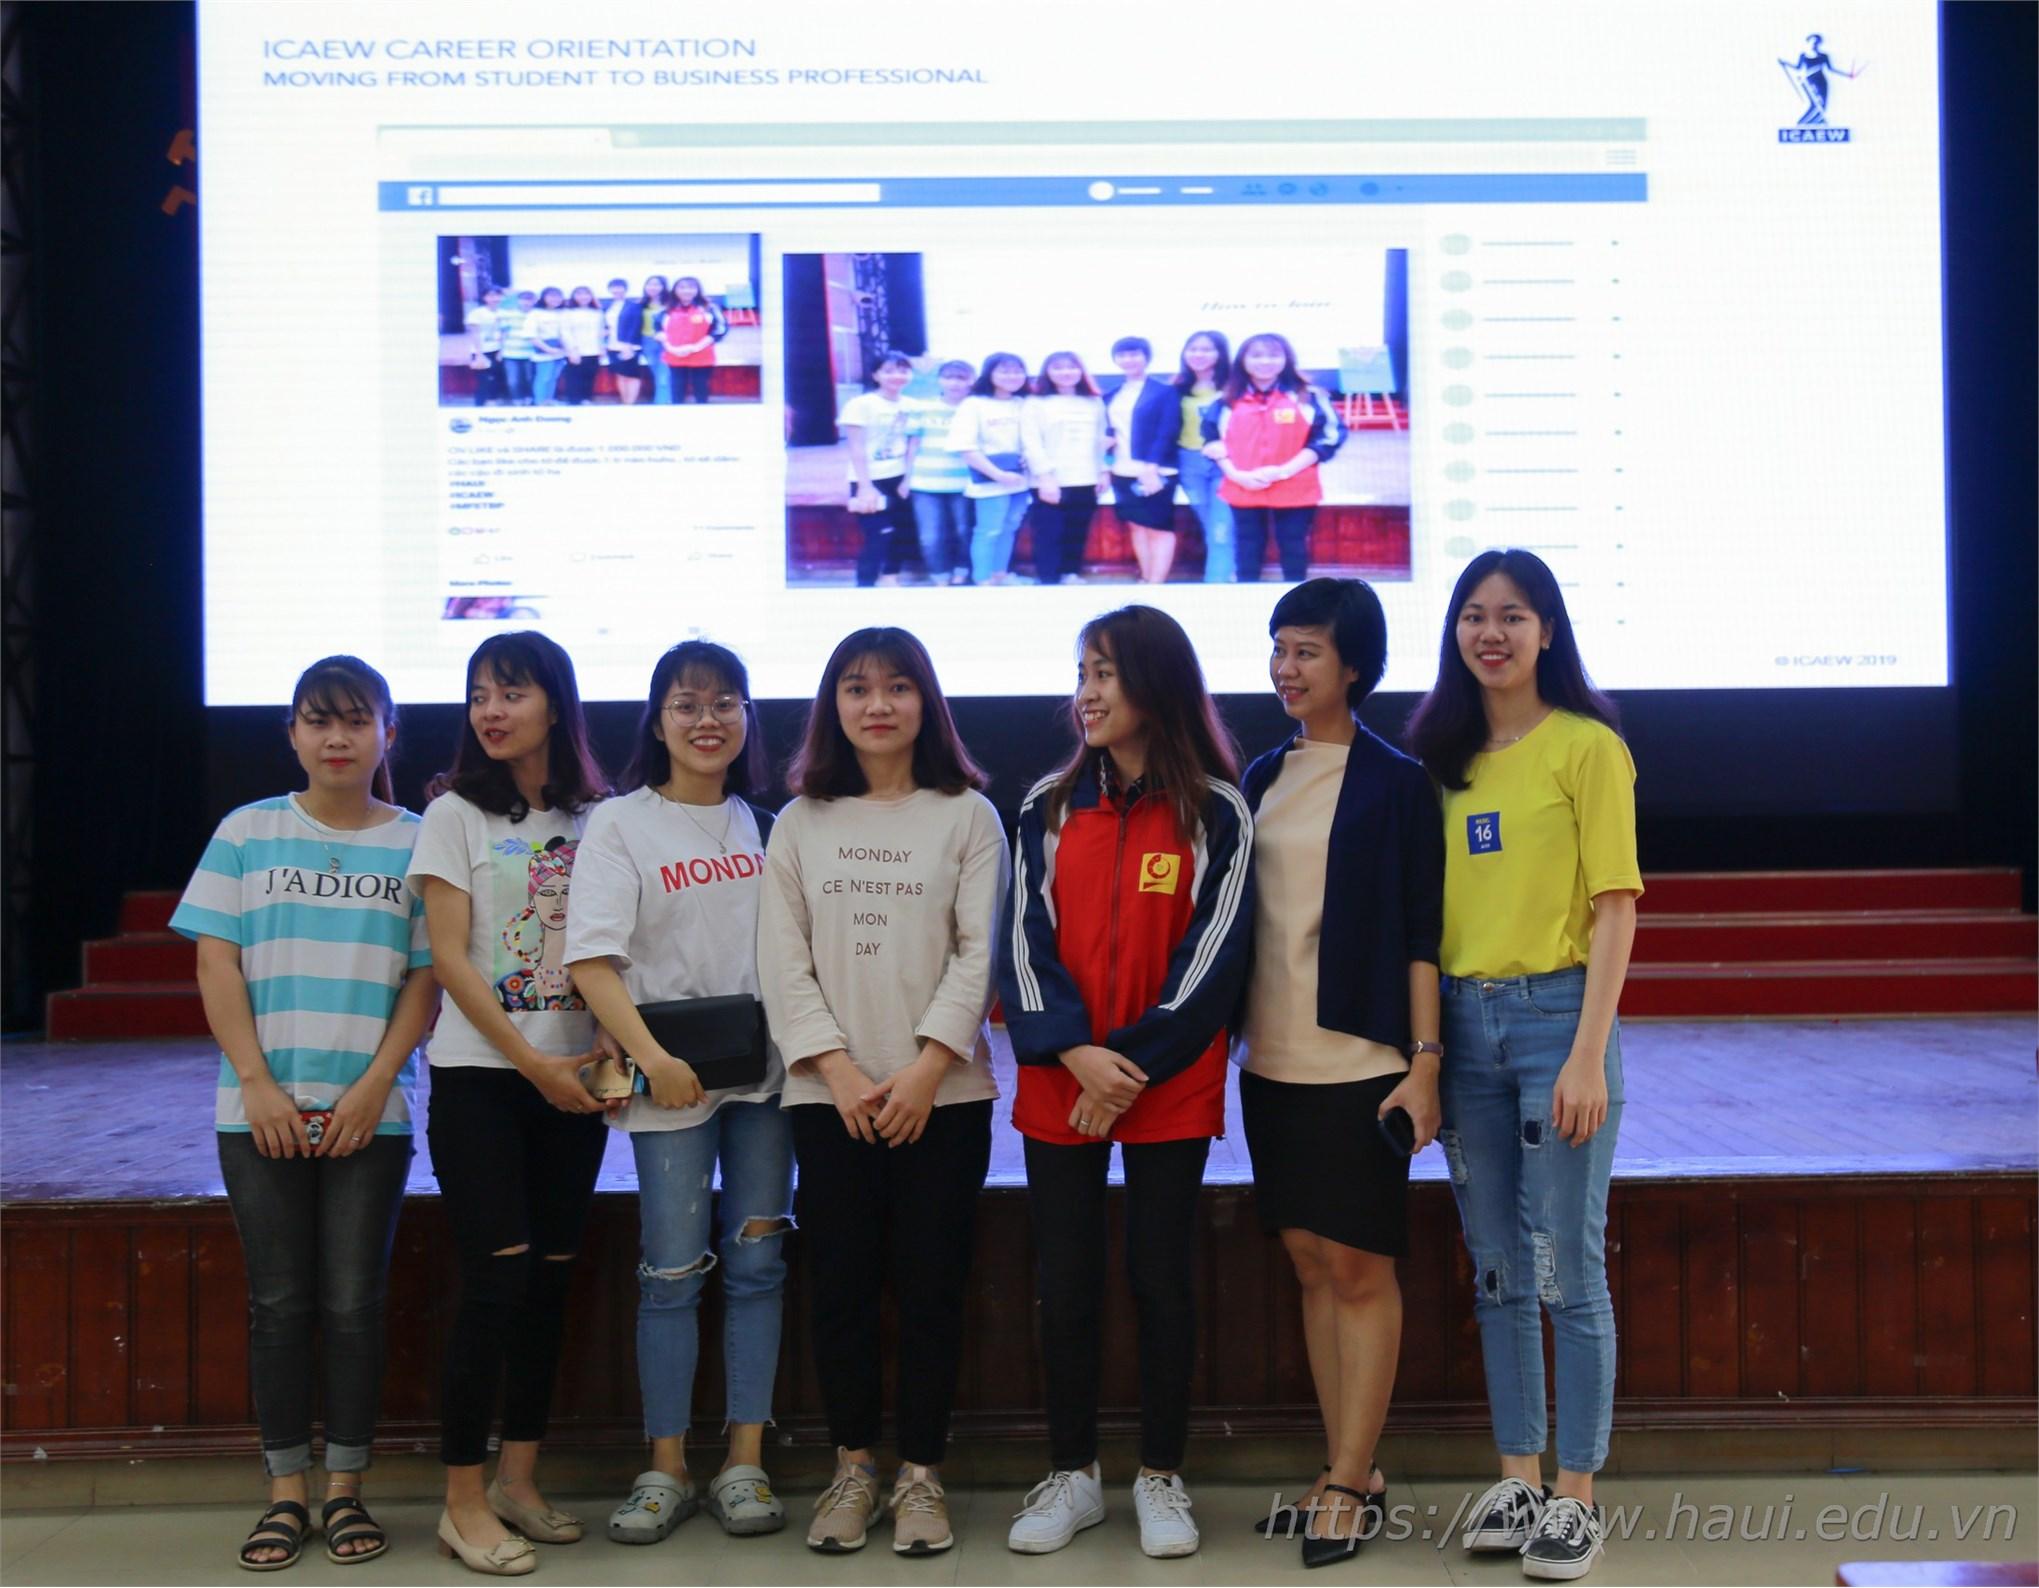 Hội thảo định hướng nghề nghiệp cho sinh viên ngành Kế toán Kiểm toán